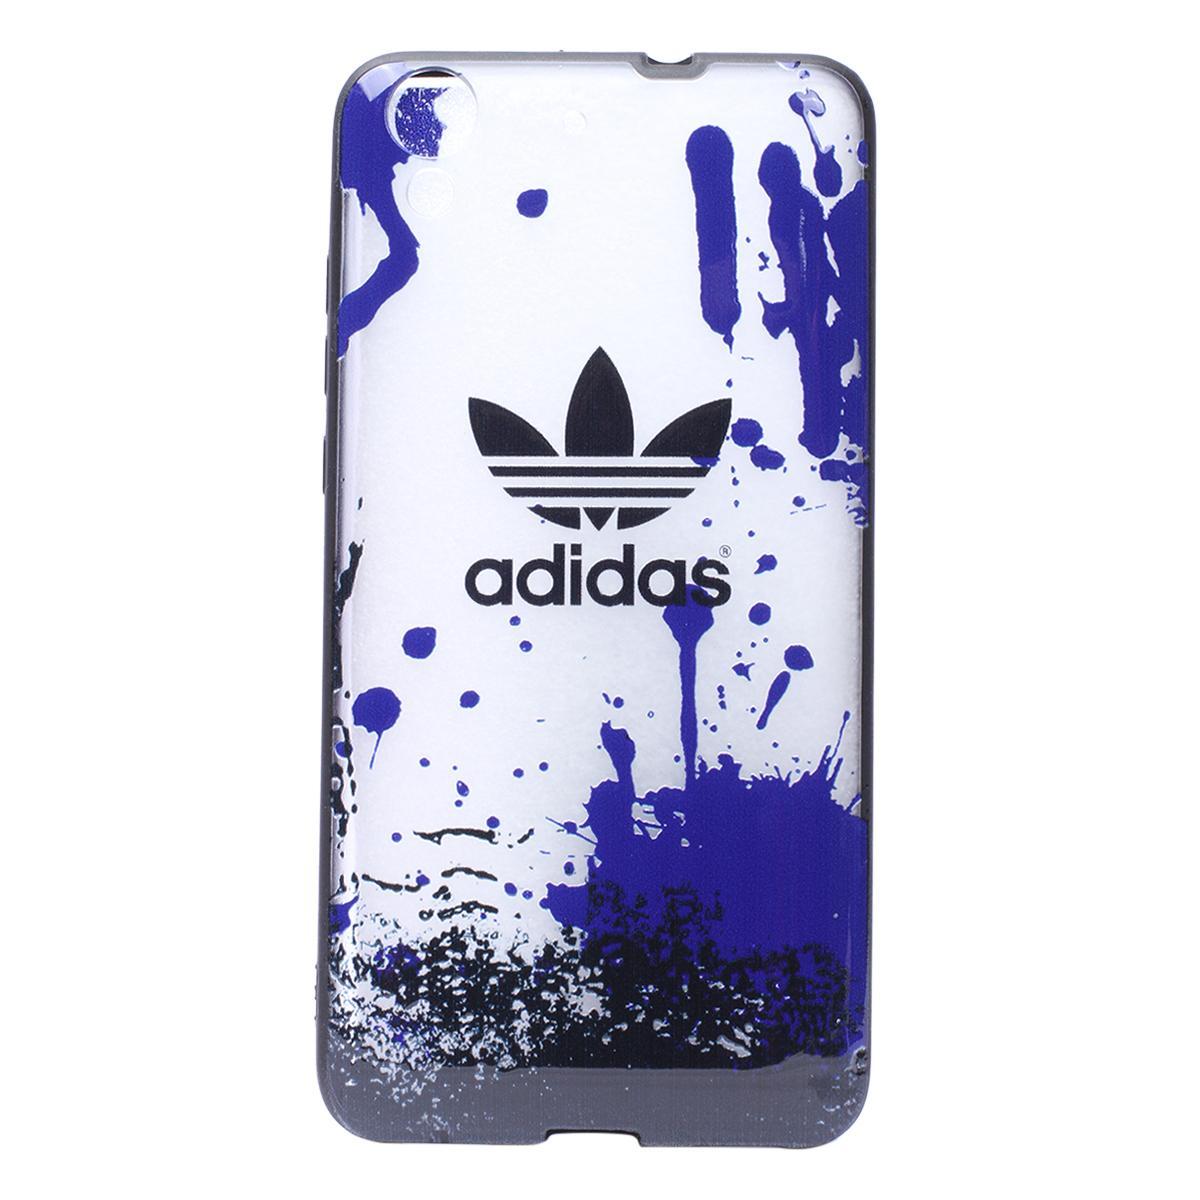 cover huawei y6 2018 adidas